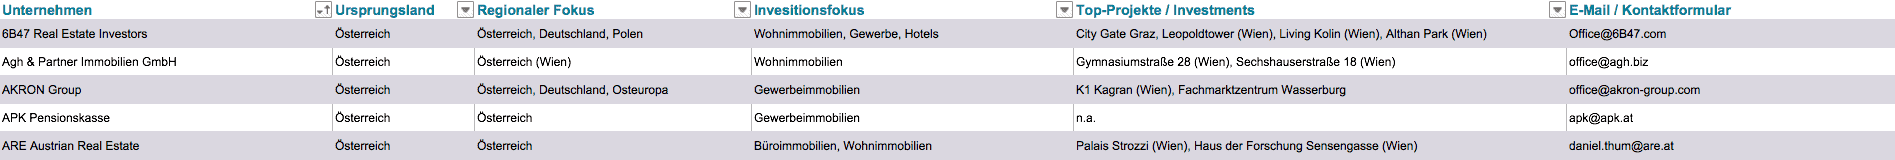 Größte Real Estate Investoren Österreich